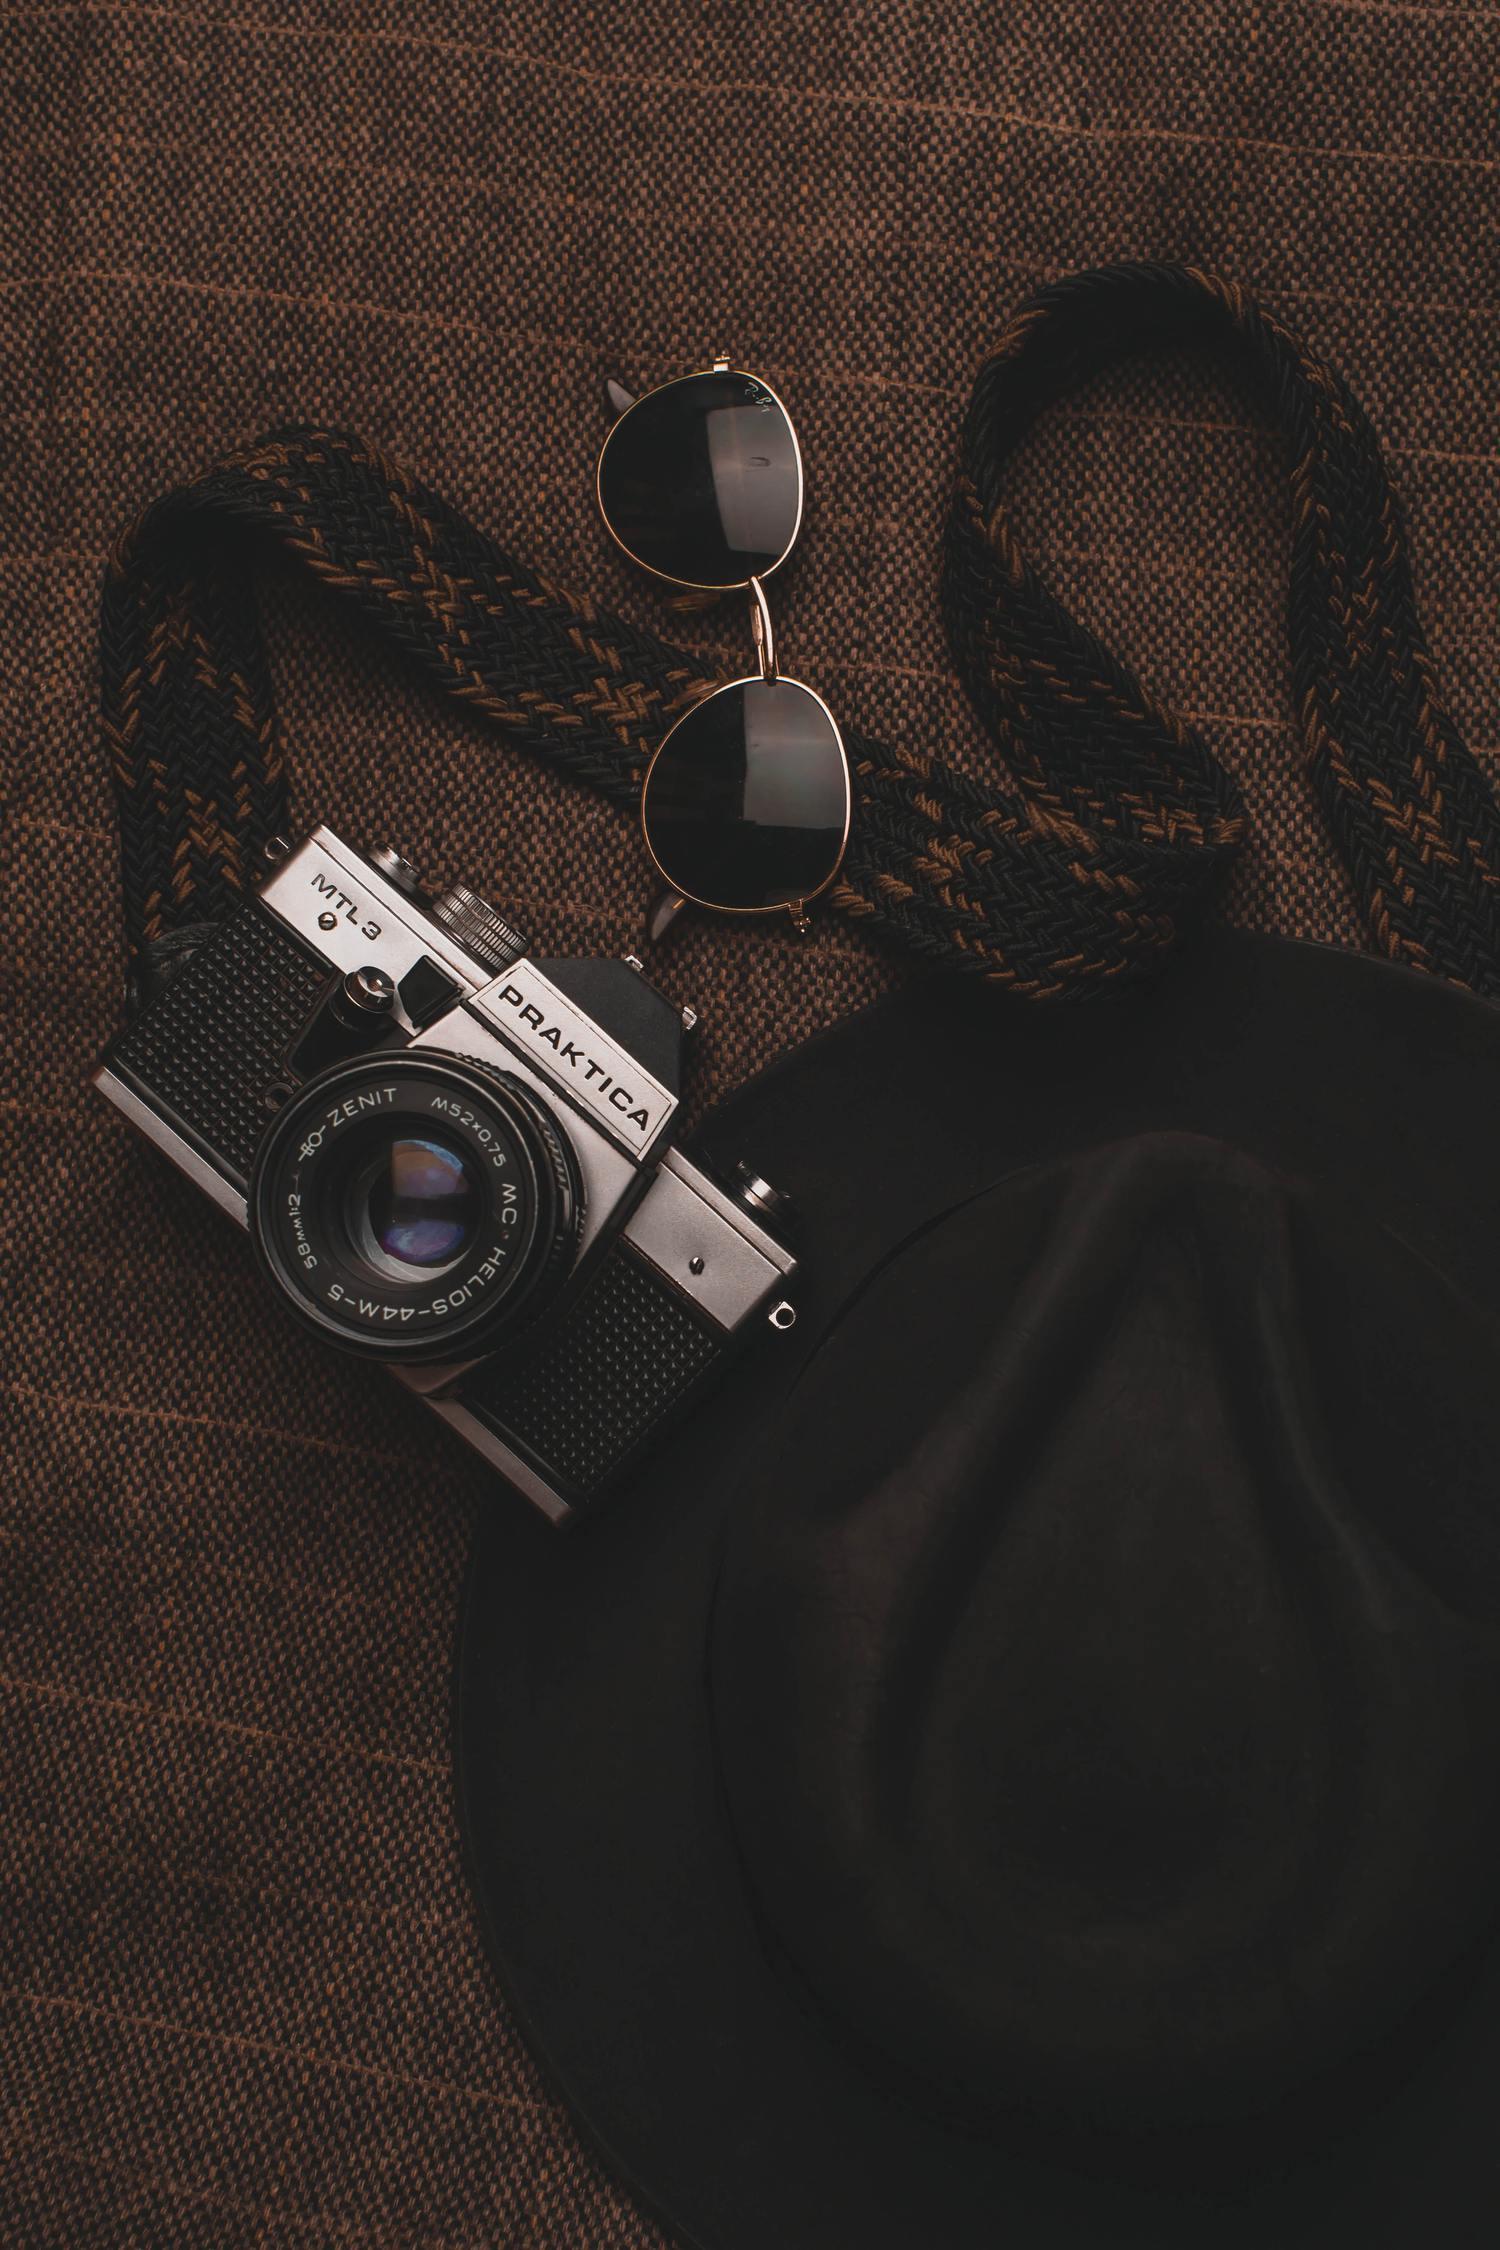 Пример аналоговой камеры